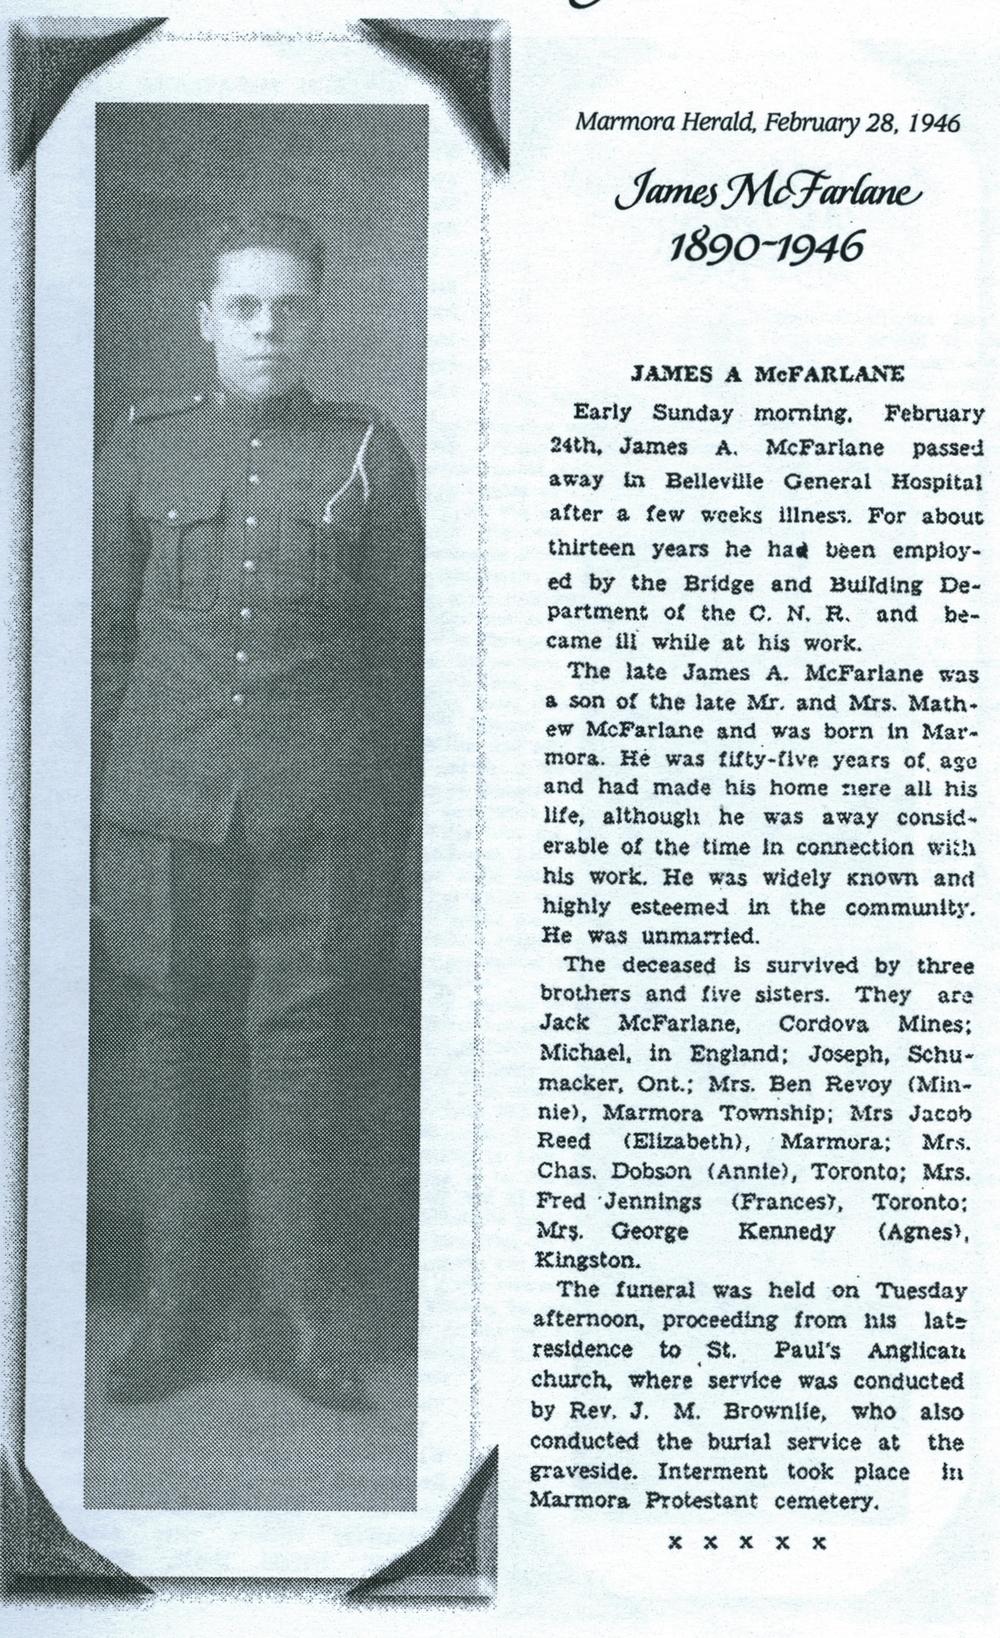 McFarlane, James, 1890-1946, C.N.R. employee.jpg